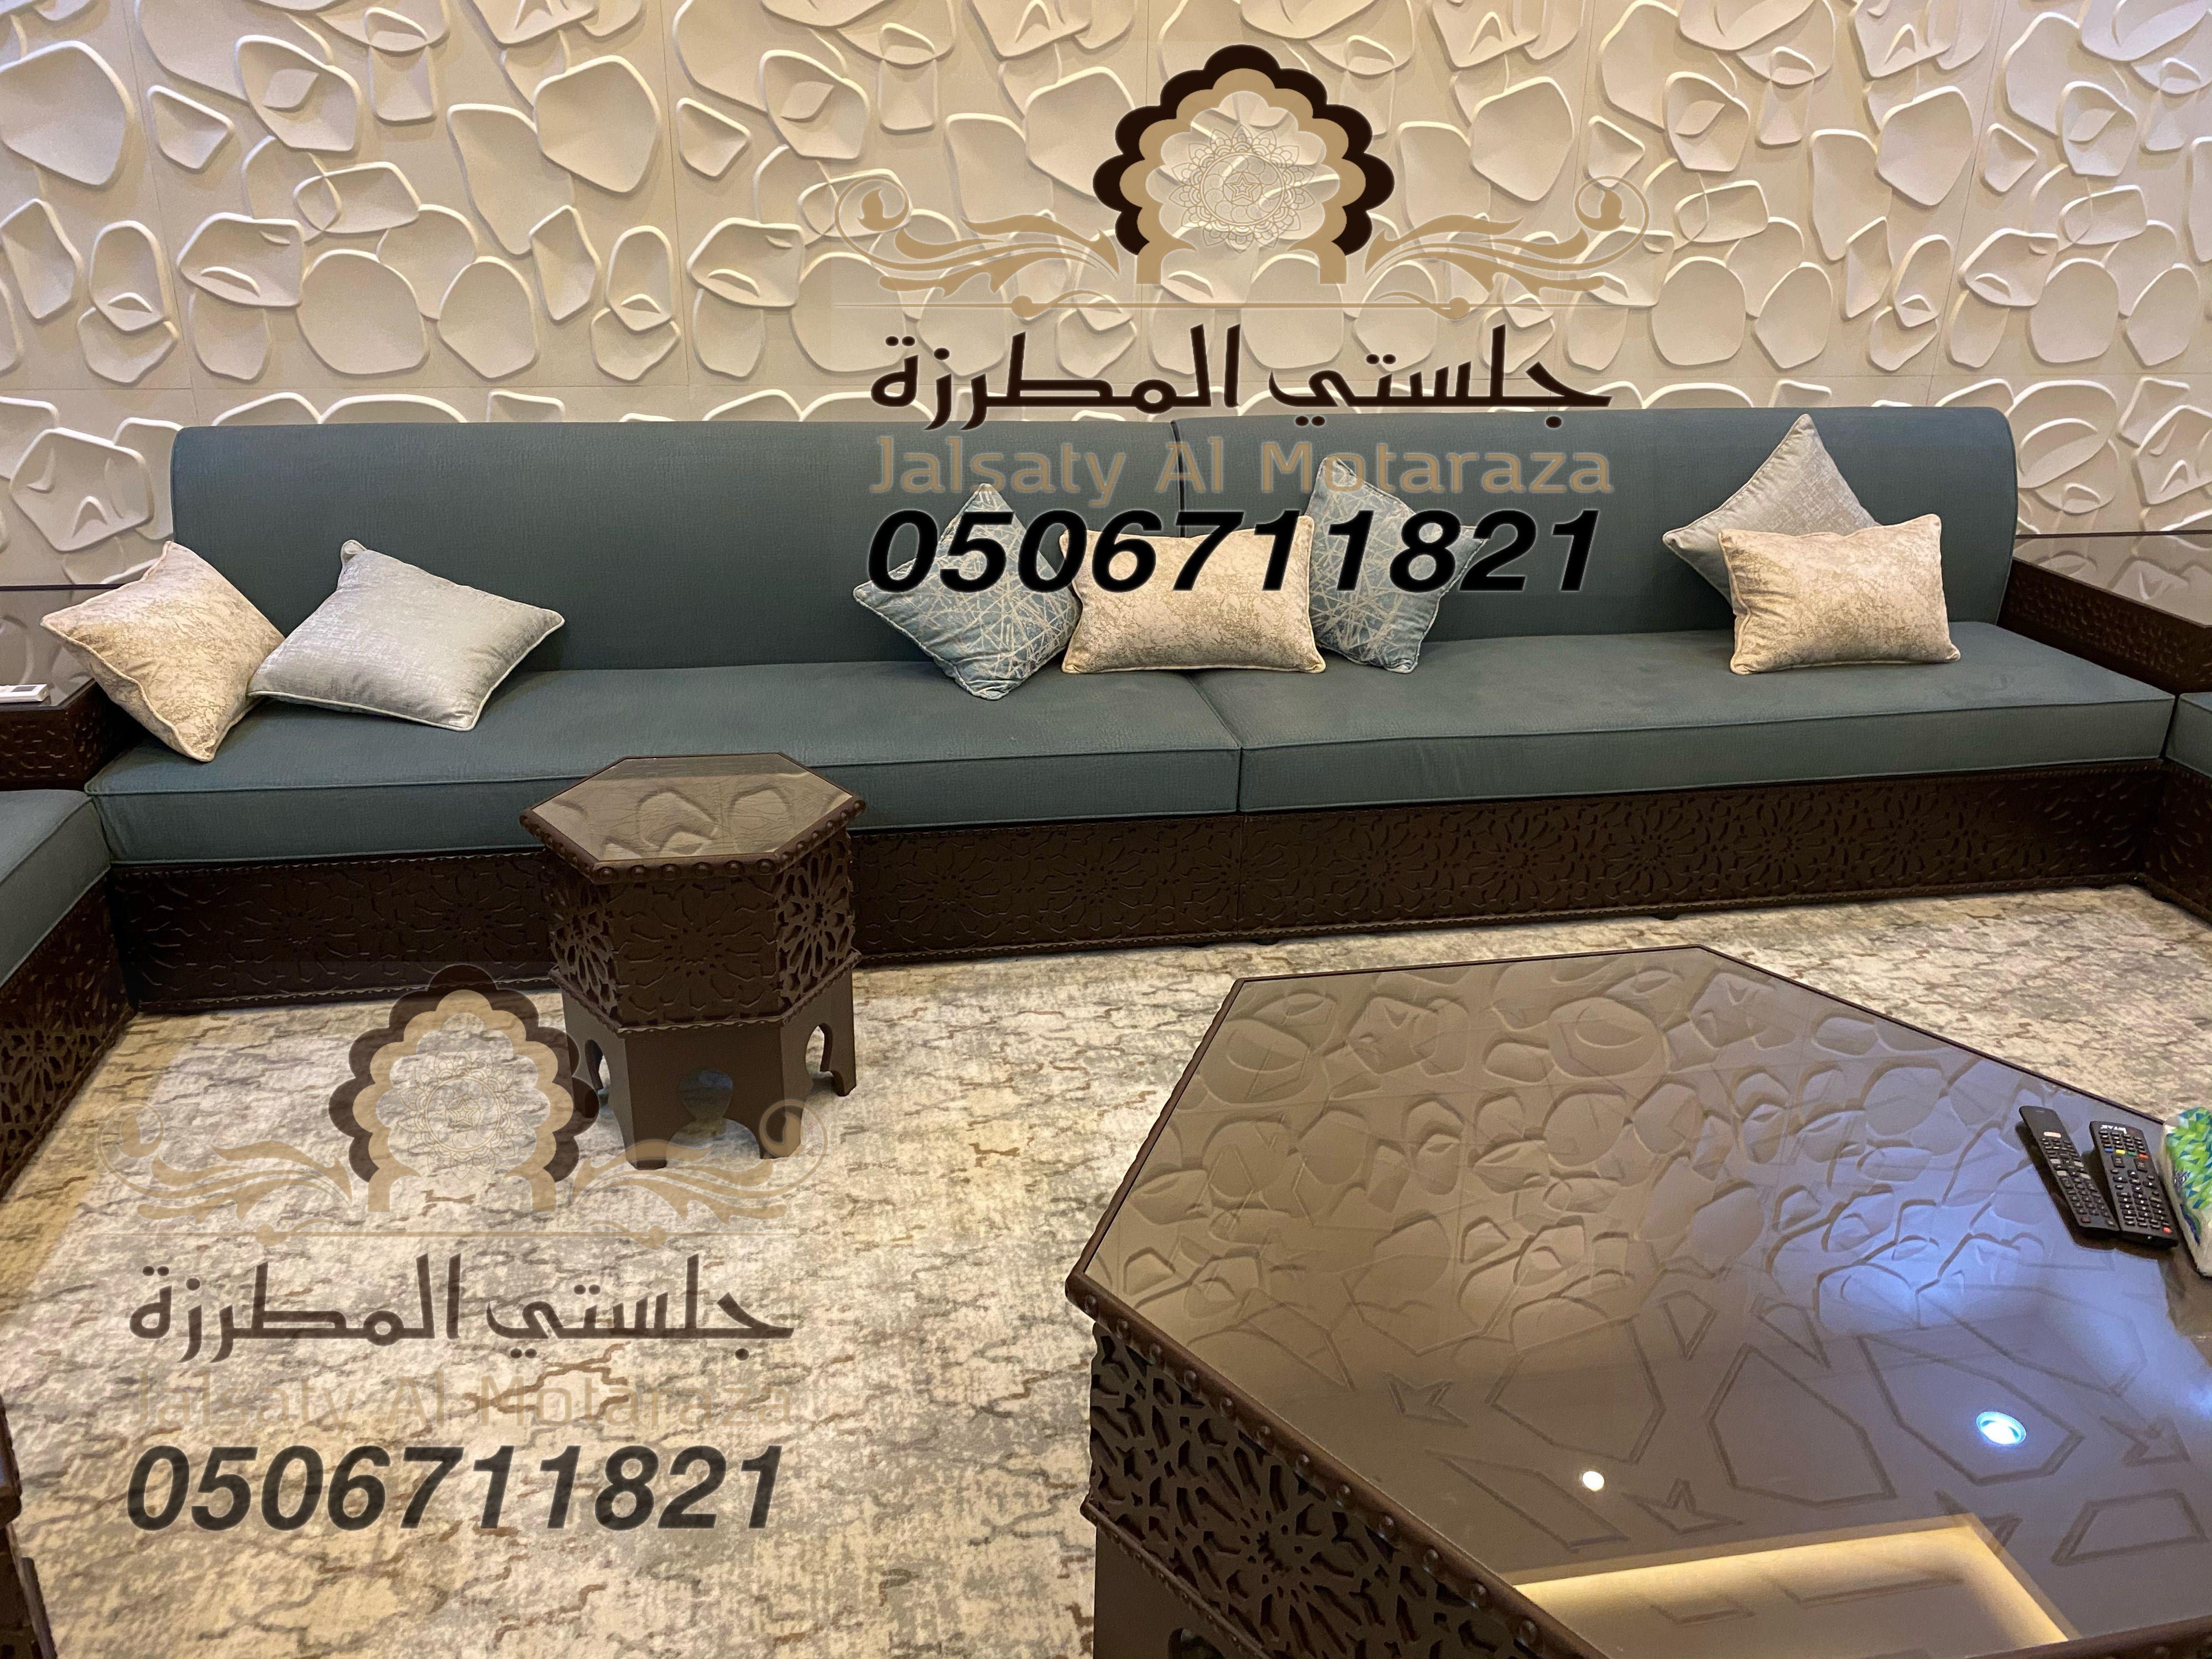 مجلس مغربي فاخر من تصميم وتنفيذ جلستي المطرزة جوال التواصل0506711821 Home Decor Decor Furniture